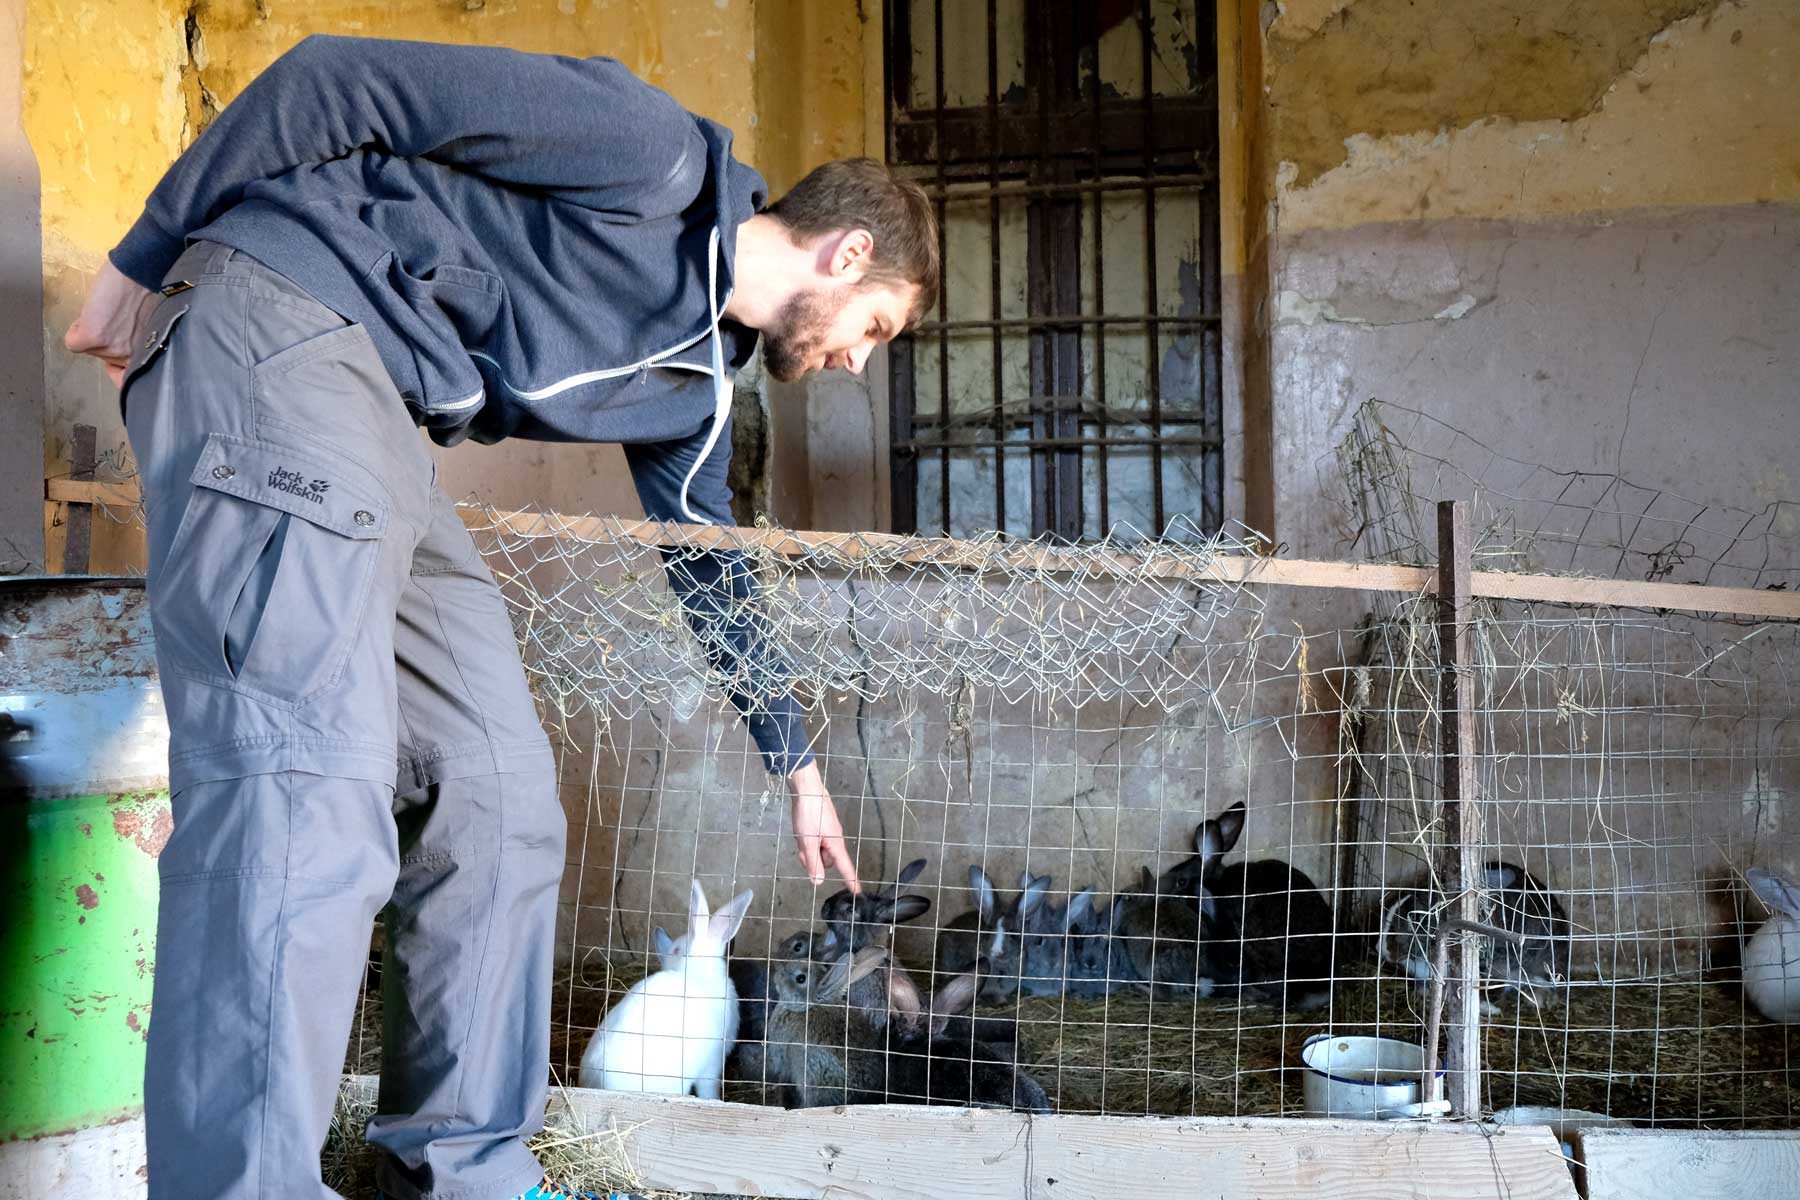 Sebastian streichelt Hasen, die in einem Stall sitzen